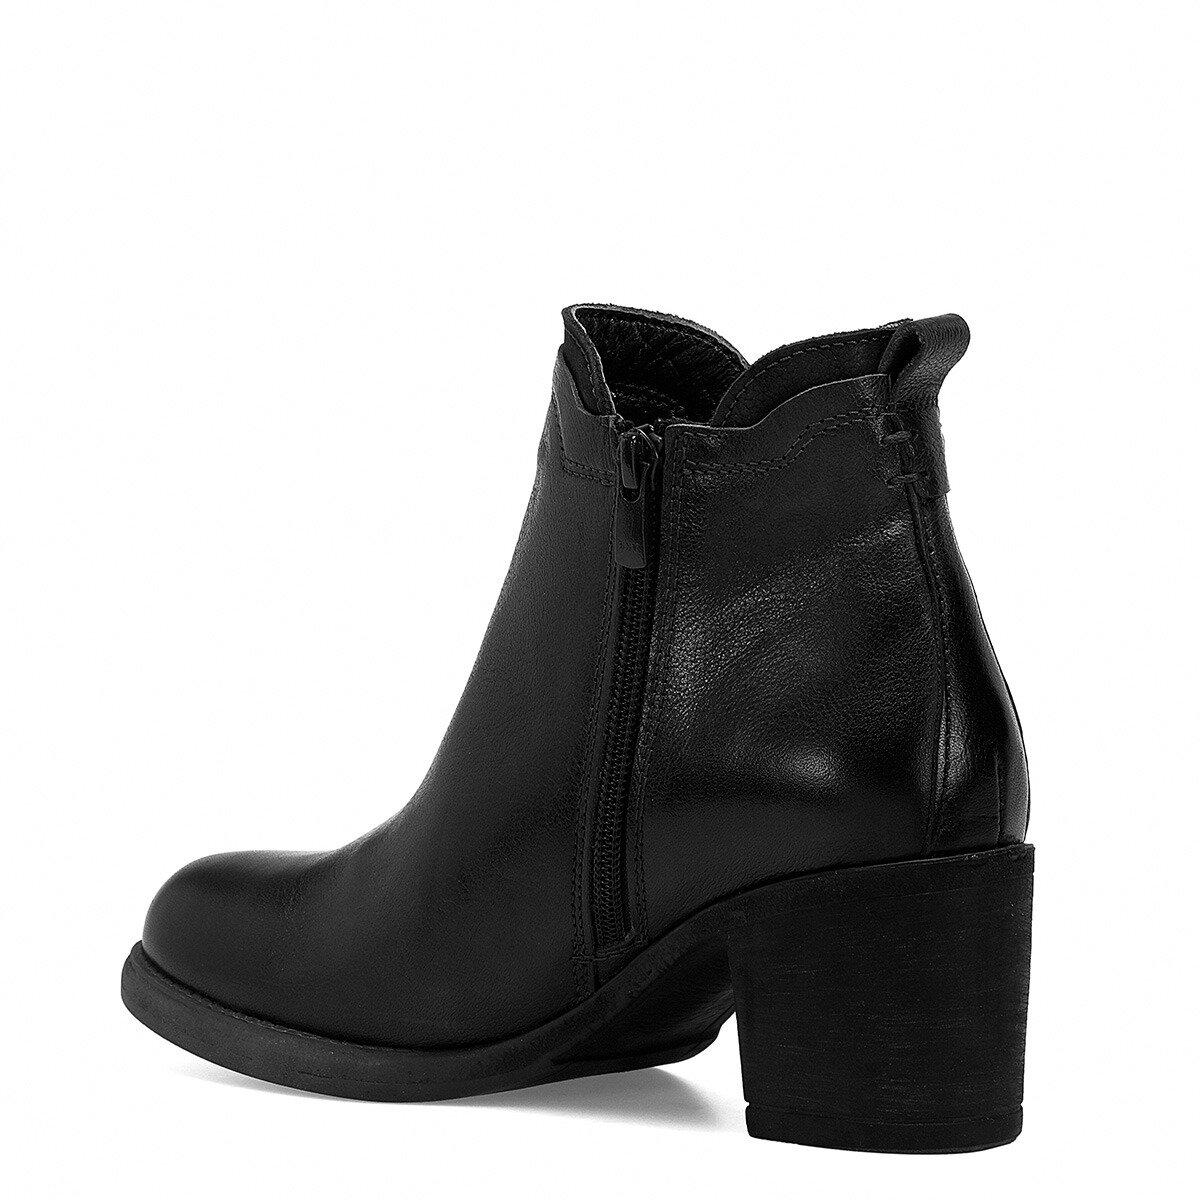 BOLDA Siyah Kadın Topuklu Bot